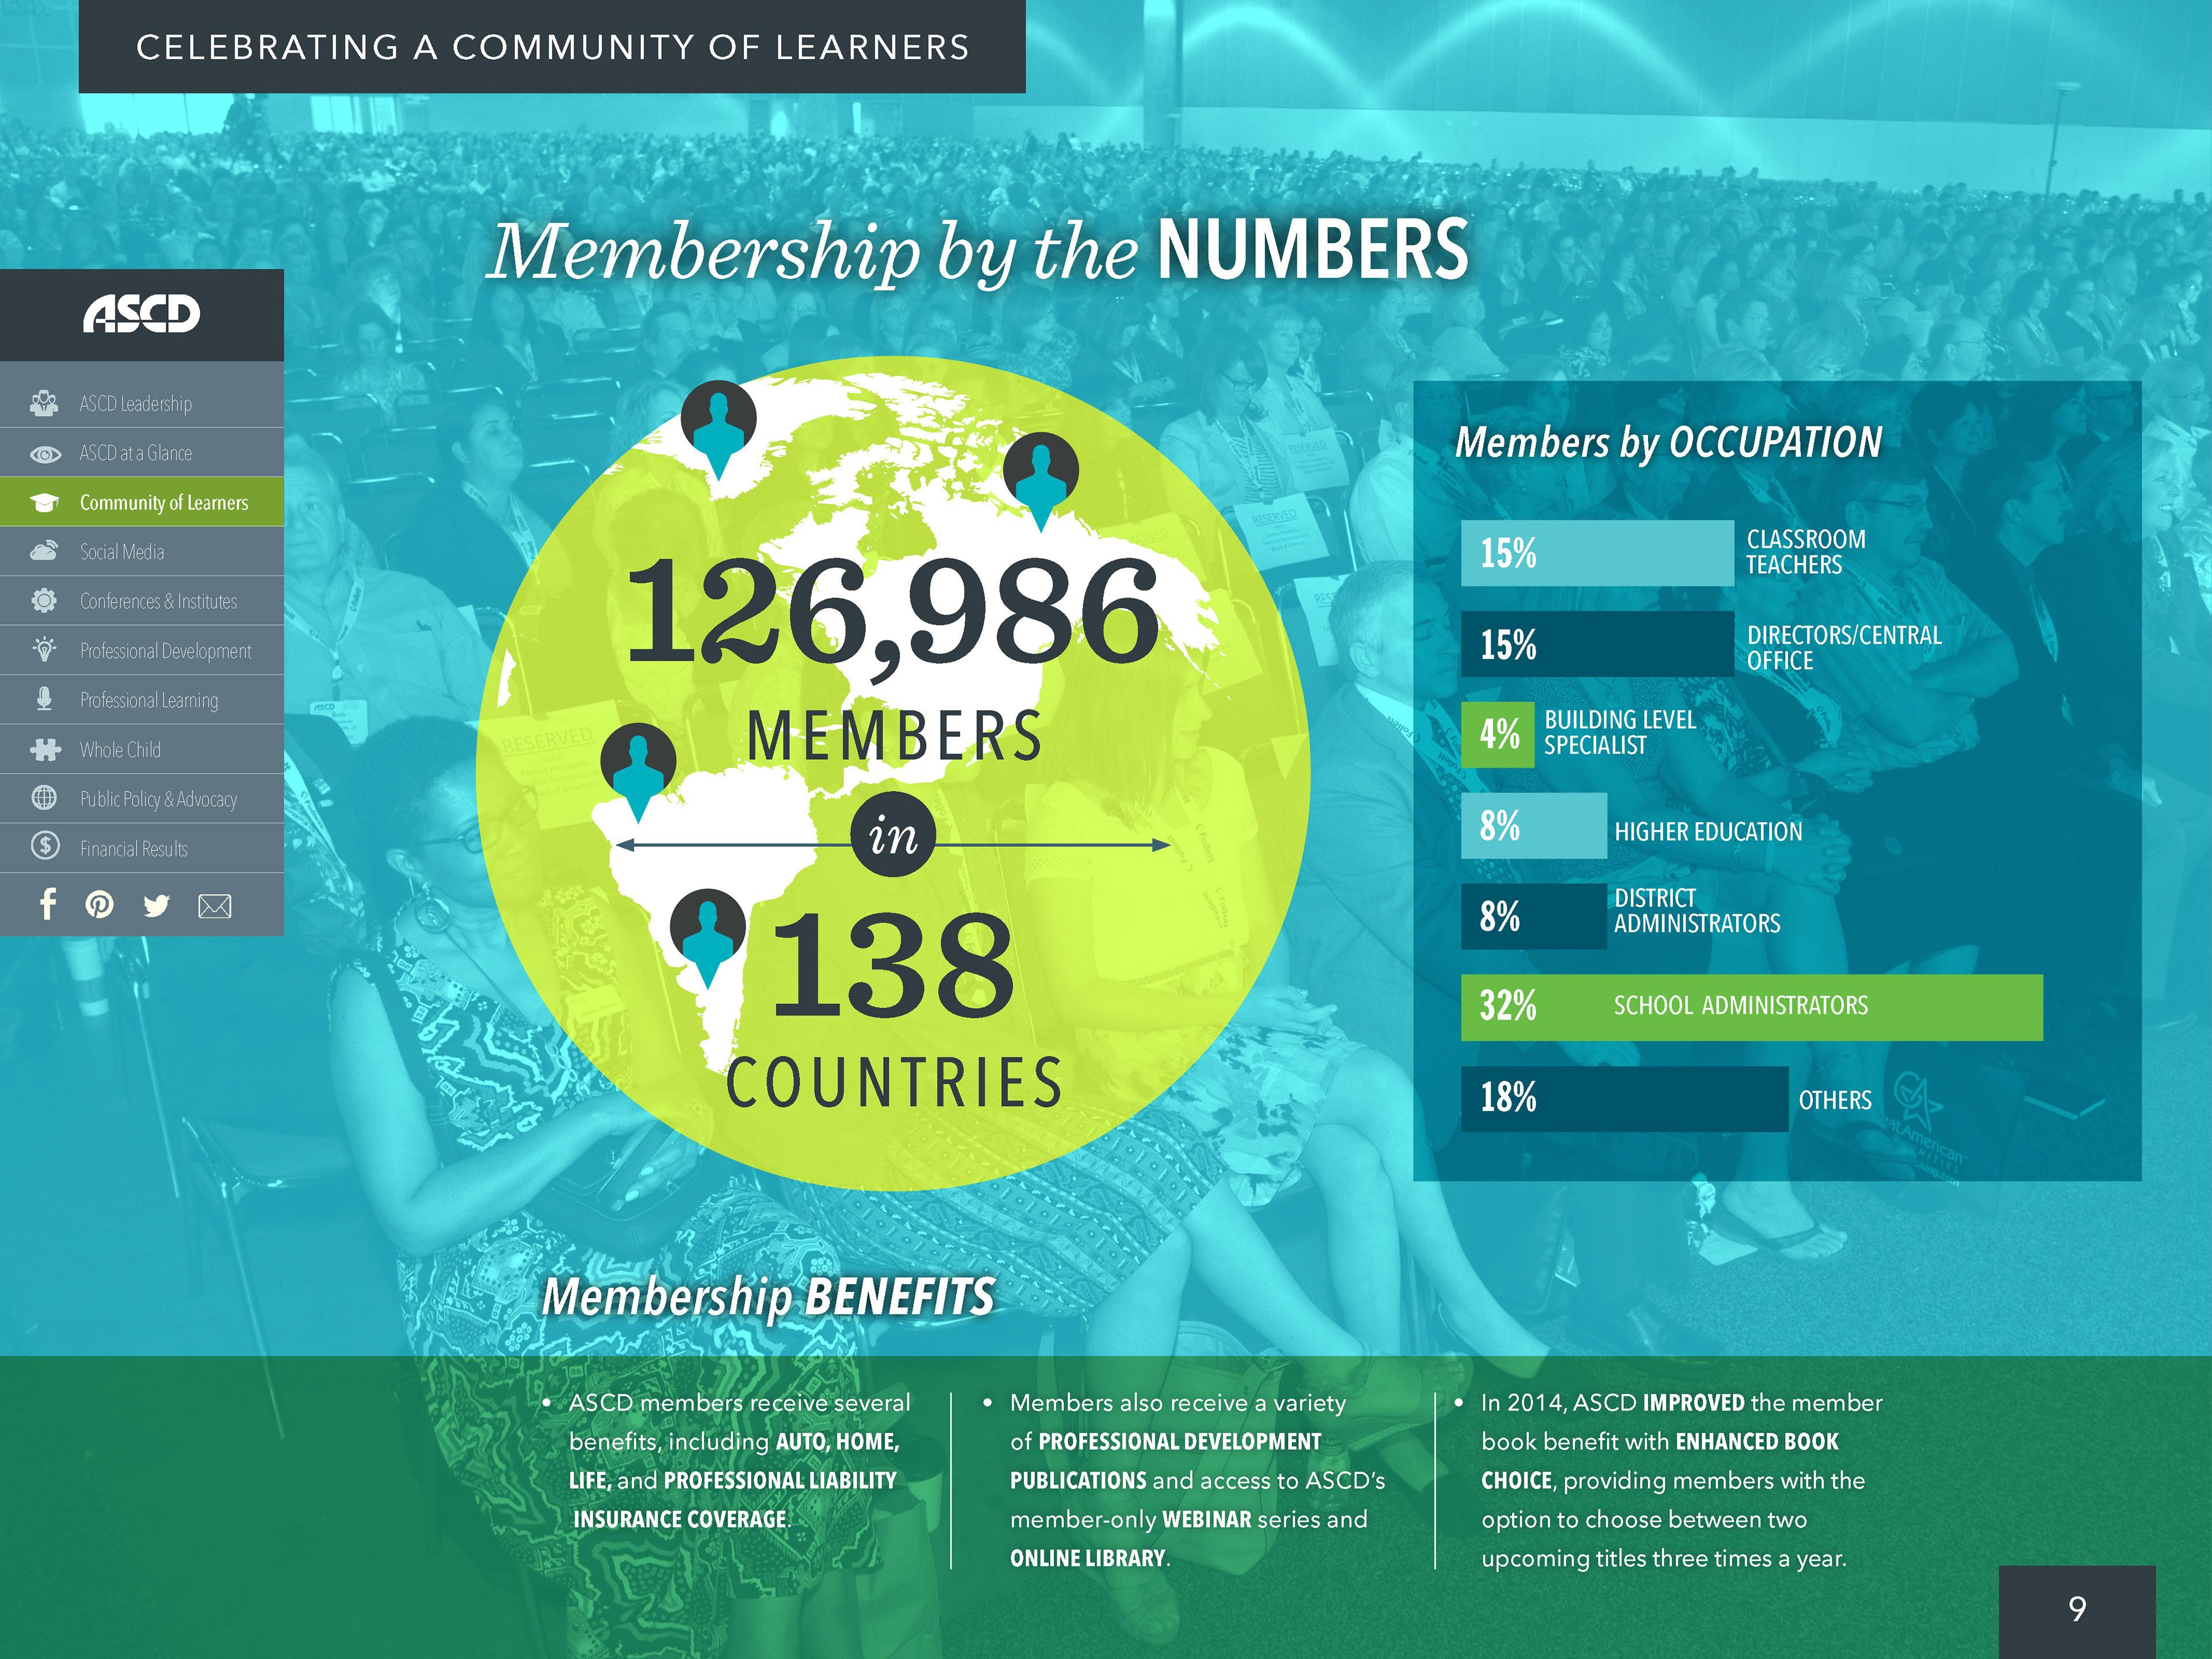 uvimco annual report 2014